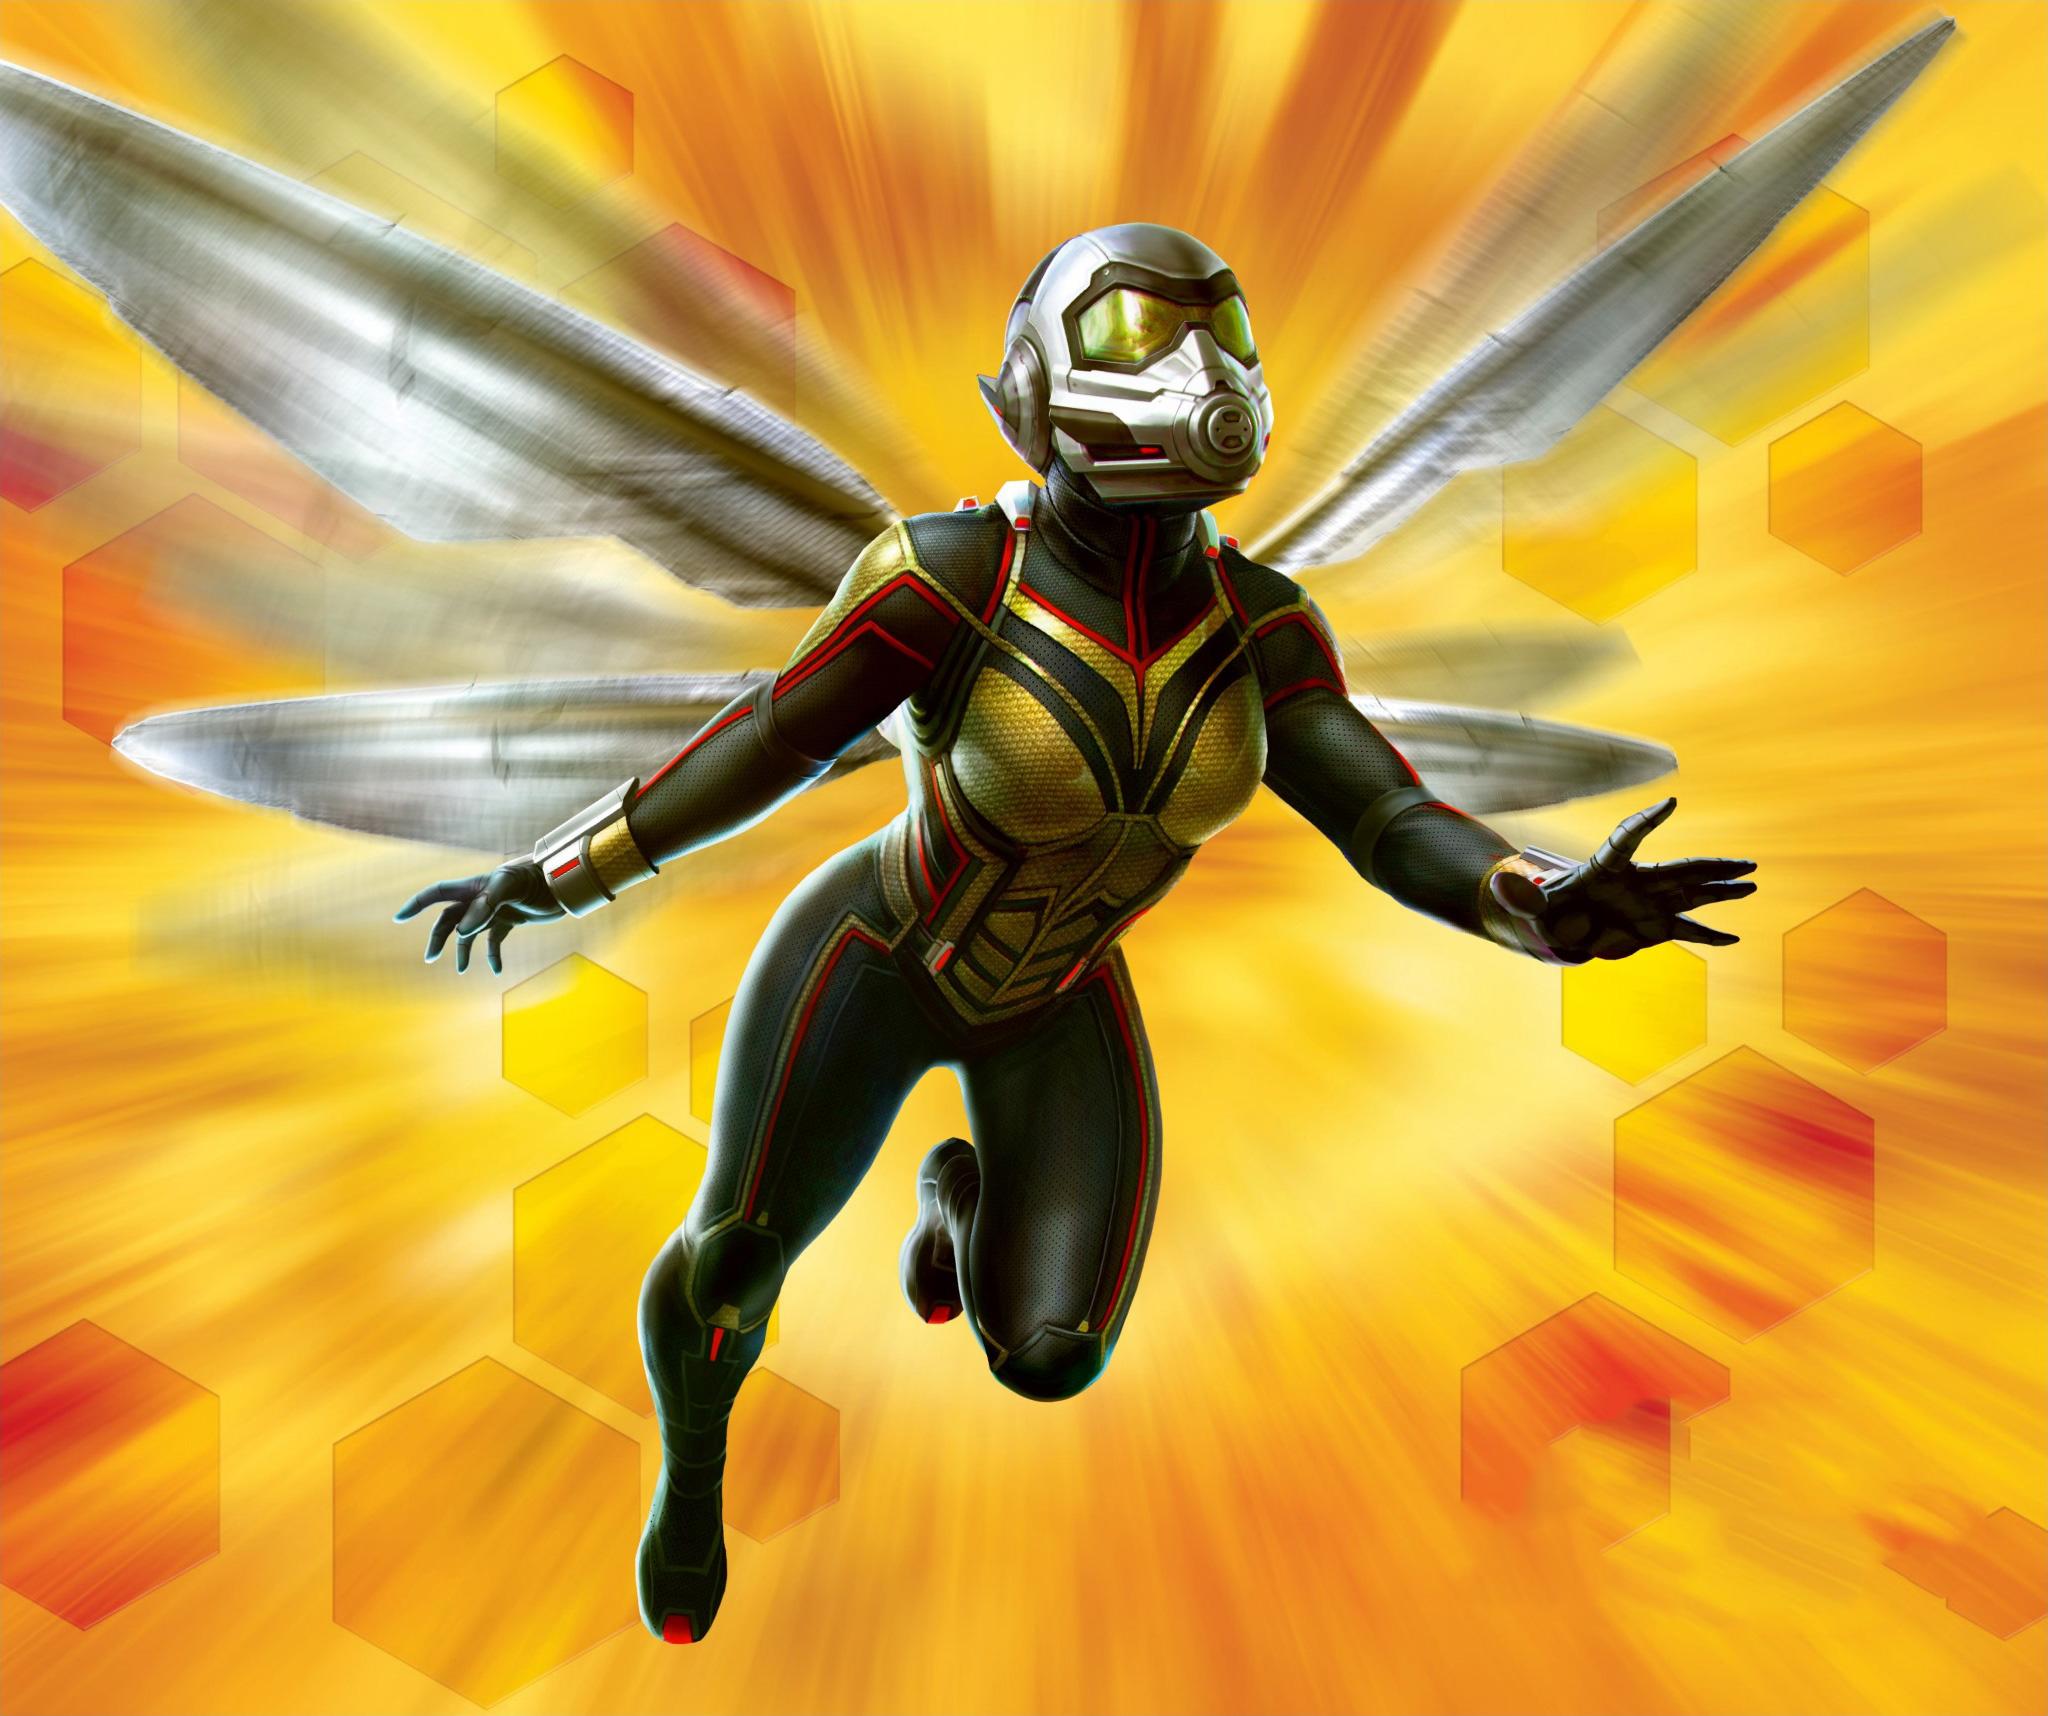 Wasp Marvel Comics 2048x1716